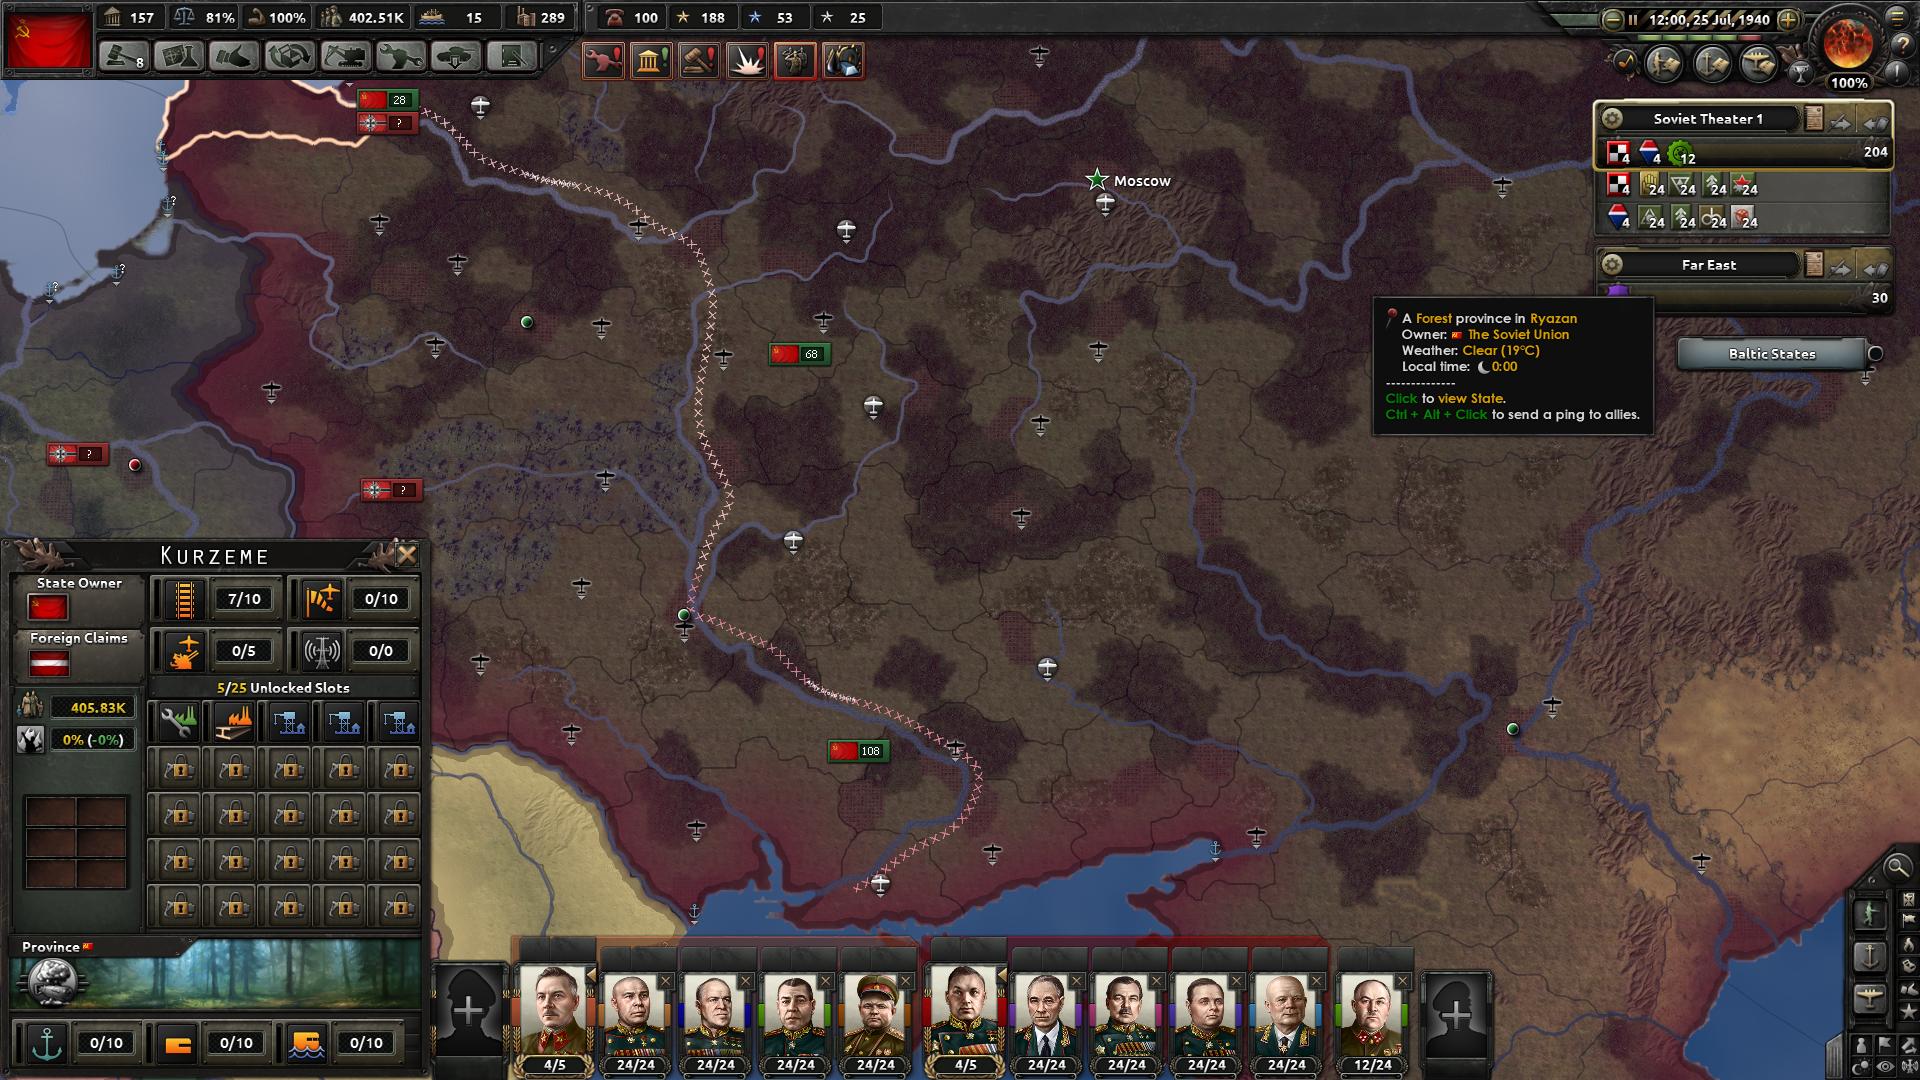 How do you set up a defense as Soviet Union? | Paradox